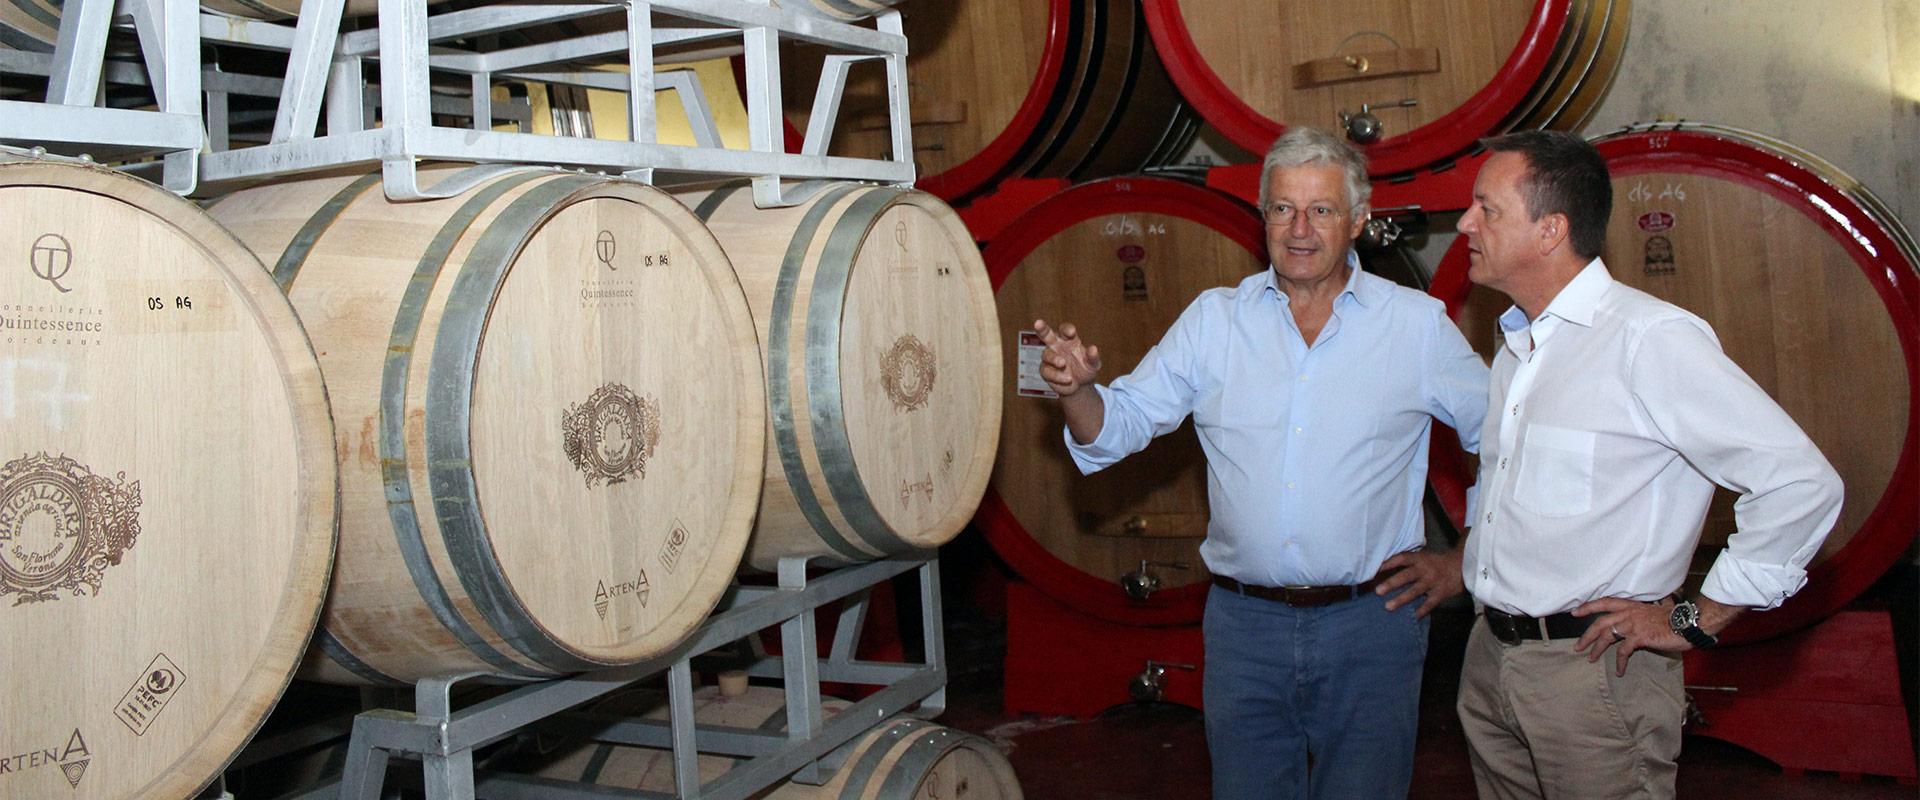 Wein & Spirituosen Online Shop - Nicola